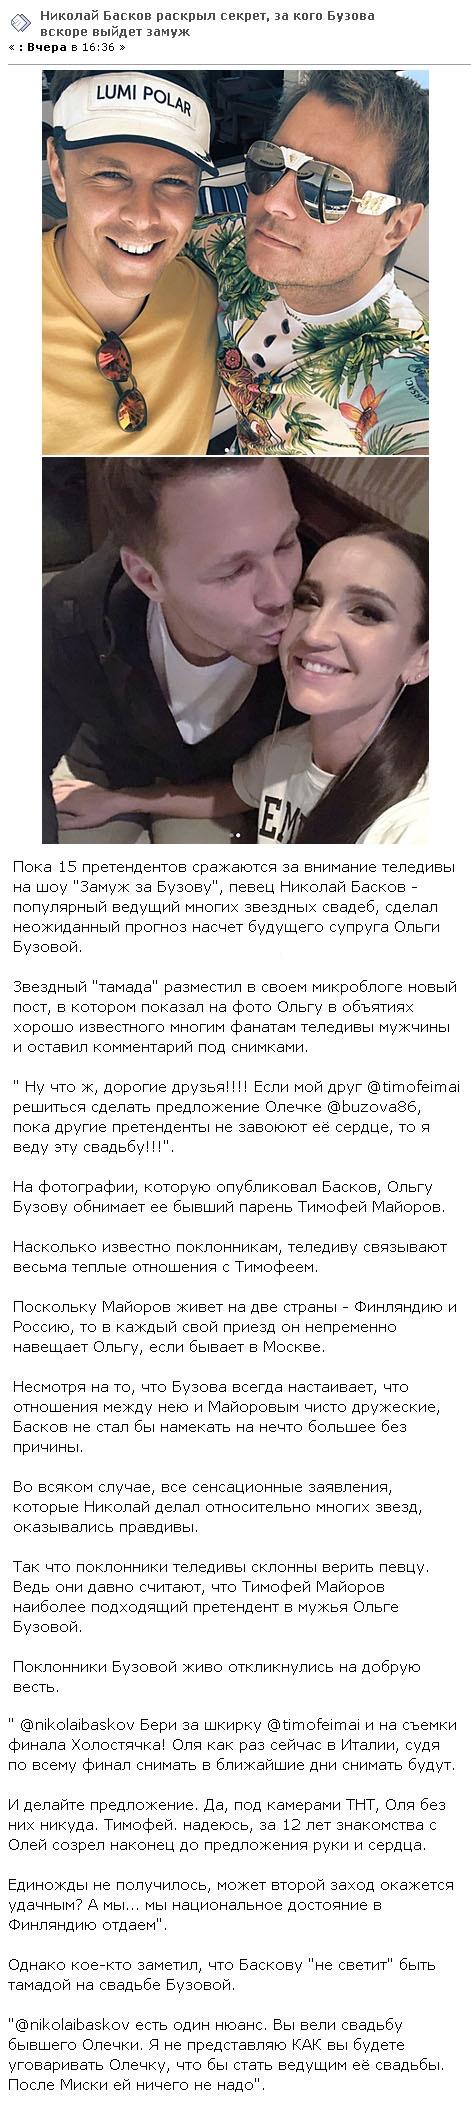 Друг Николая Баскова планирует жениться на Ольге Бузовой